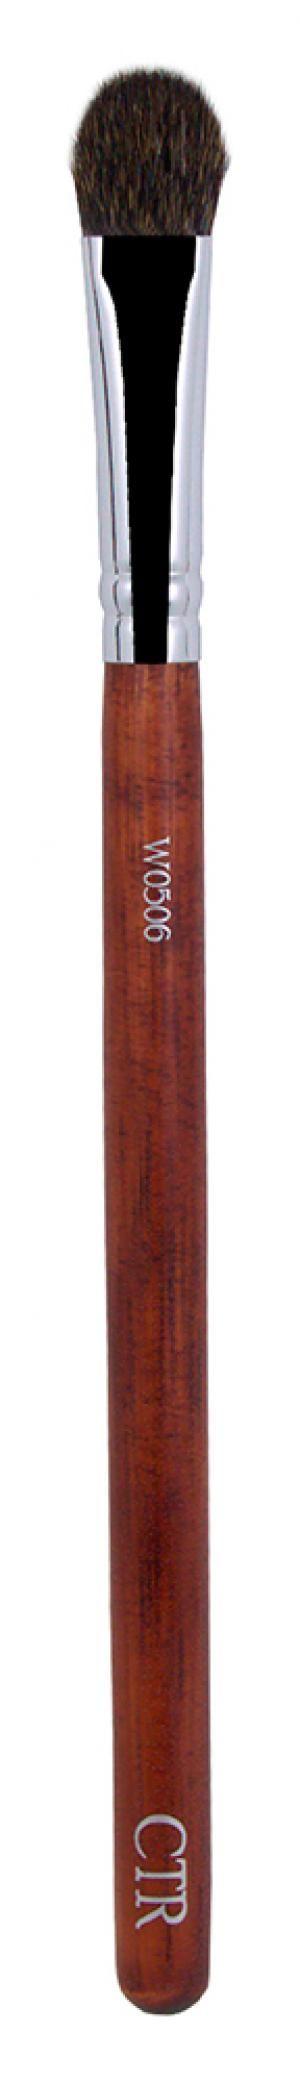 Кисть для теней ворс белки W0506 - 00-00011576